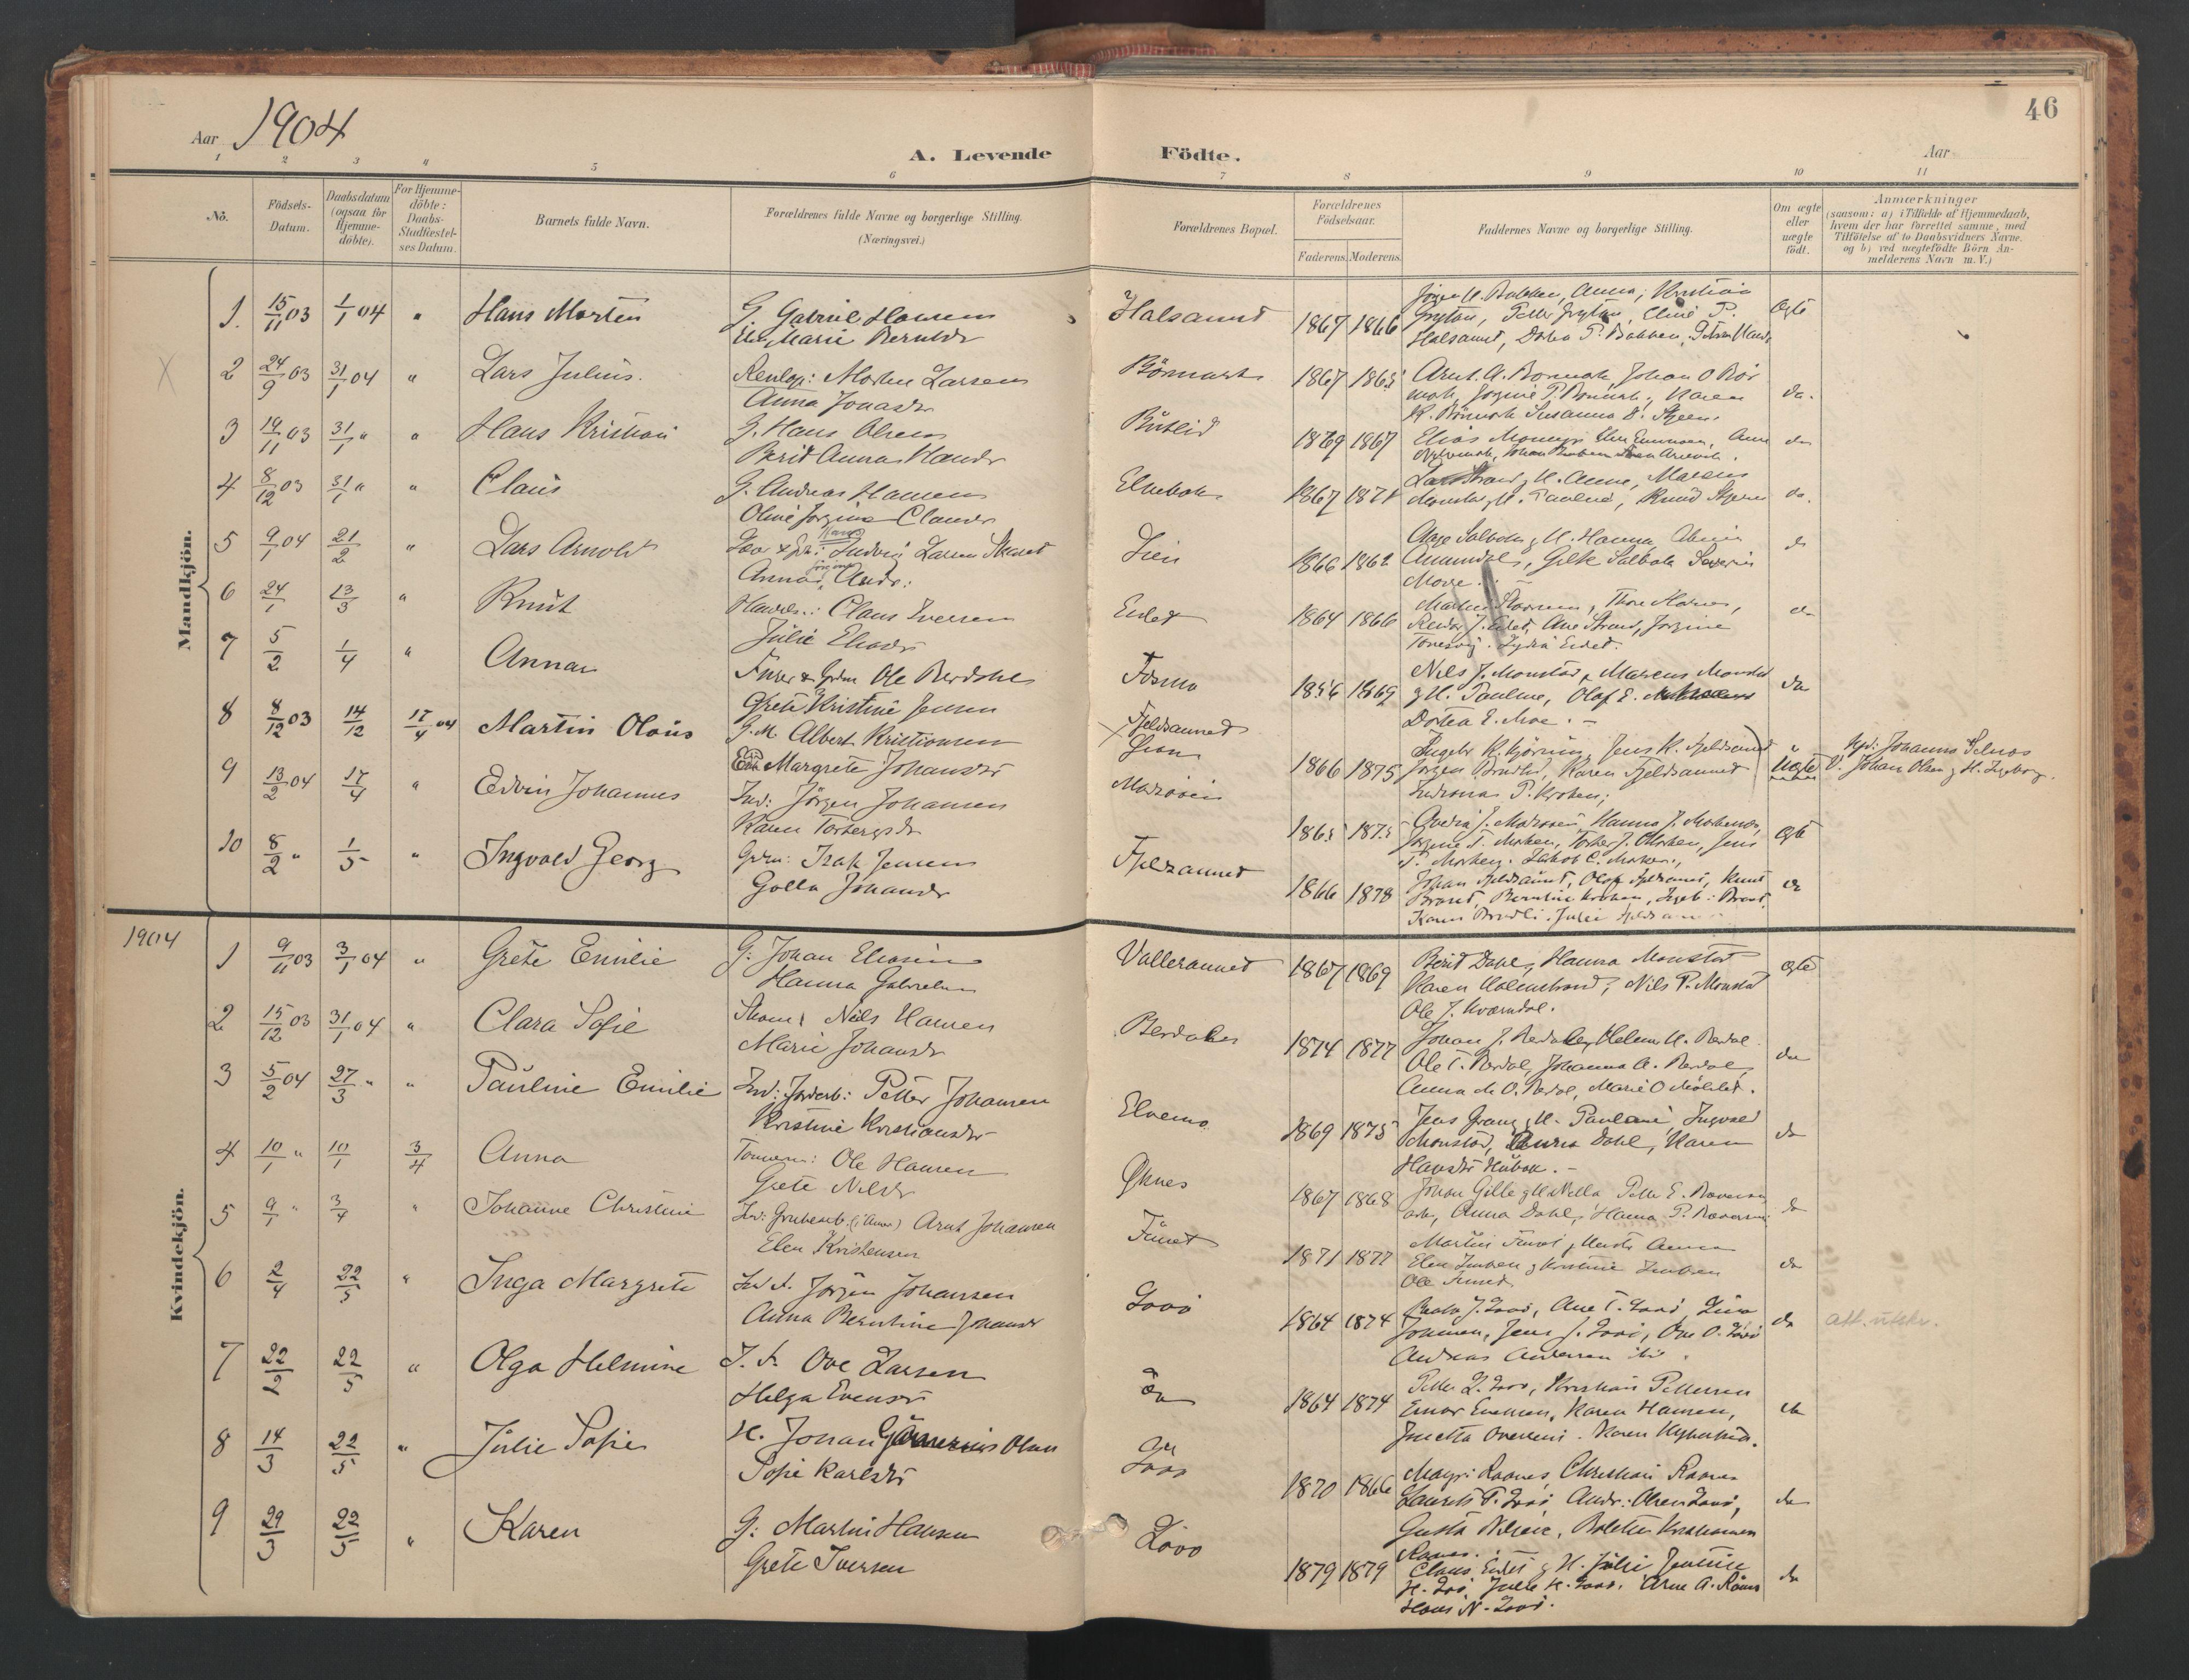 SAT, Ministerialprotokoller, klokkerbøker og fødselsregistre - Sør-Trøndelag, 655/L0681: Ministerialbok nr. 655A10, 1895-1907, s. 46